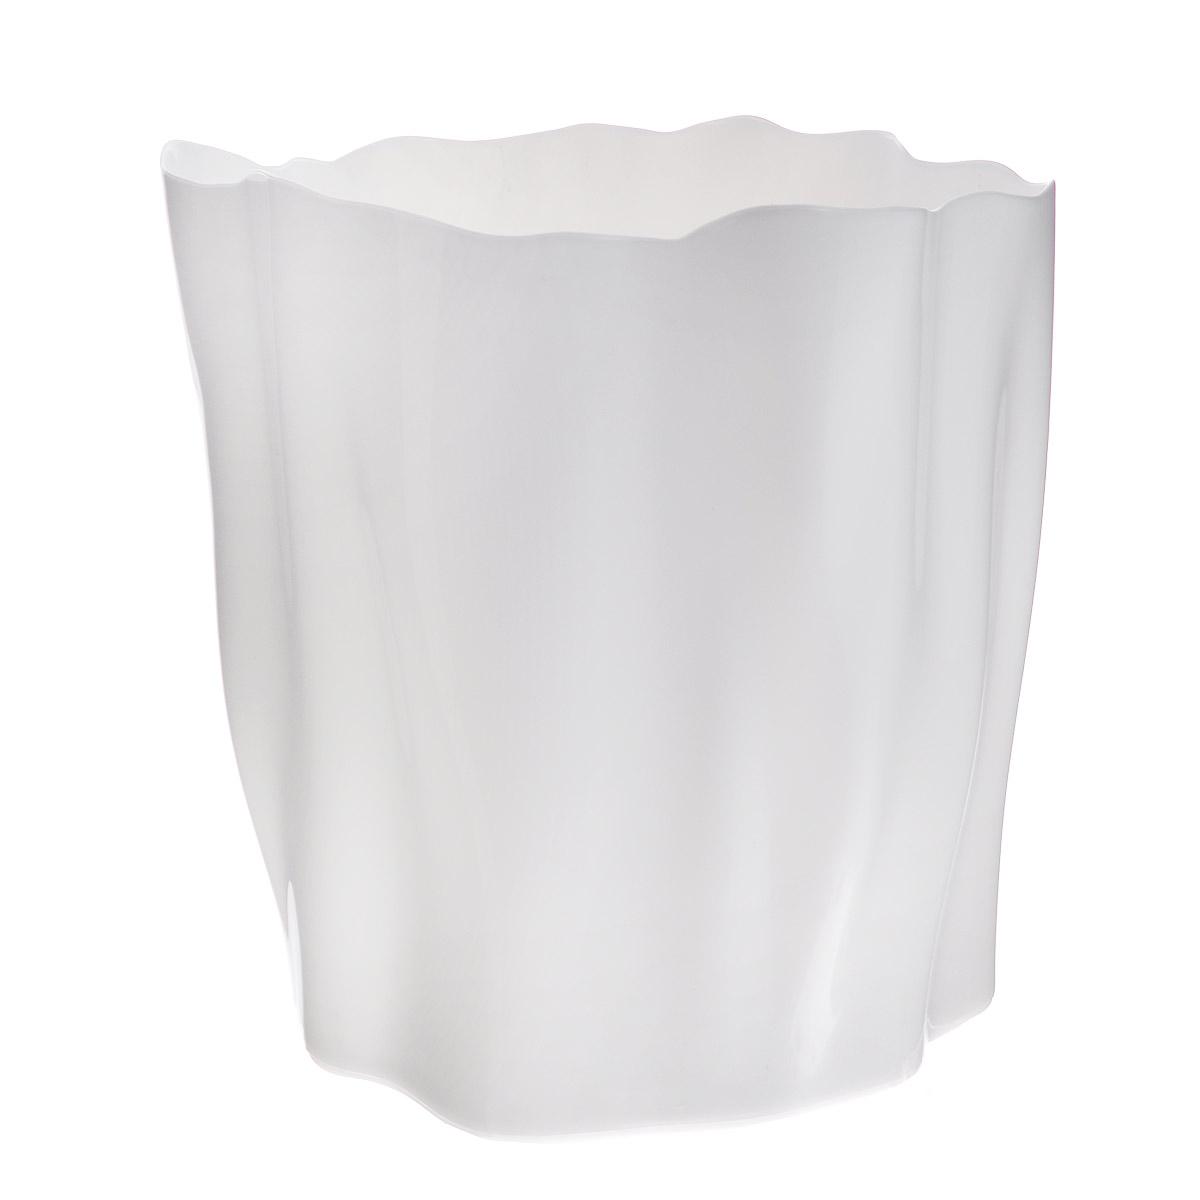 """Органайзер Qualy Flow, большой, цвет: белый, диаметр 27 см10503Органайзер Qualy """"Flow"""" может пригодиться на кухне, в ванной, в гостиной, на даче, на природе, в городе, в деревне. В него можно складывать фрукты, овощи, хлеб, кухонные приборы и аксессуары, всевозможные баночки, можно использовать органайзер как мусорную корзину, вазу. Все зависит от вашей фантазии и от хозяйственных потребностей! Пластиковый оригинальный органайзер пригодится везде!Диаметр: 27 см.Высота стенки: 28 см."""